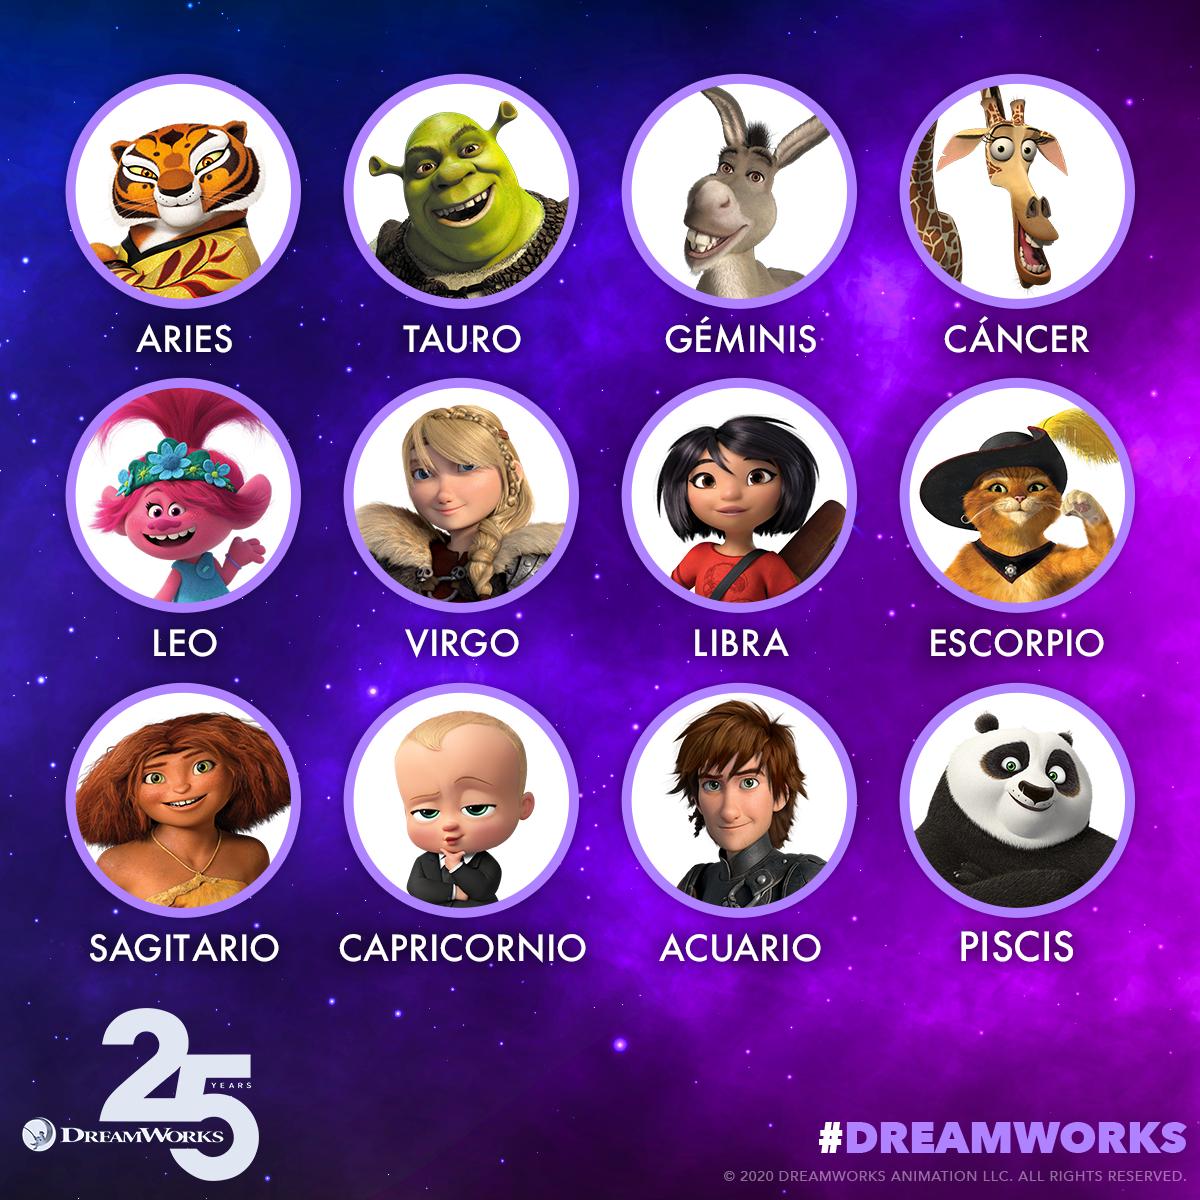 Horóscopo de Cáncer: Evita cualquier aventura aterradora en la que tus amigos animales intenten convencerte 🦒 ¿En qué personaje de #DreamWorks eres? https://t.co/rjnixewywq